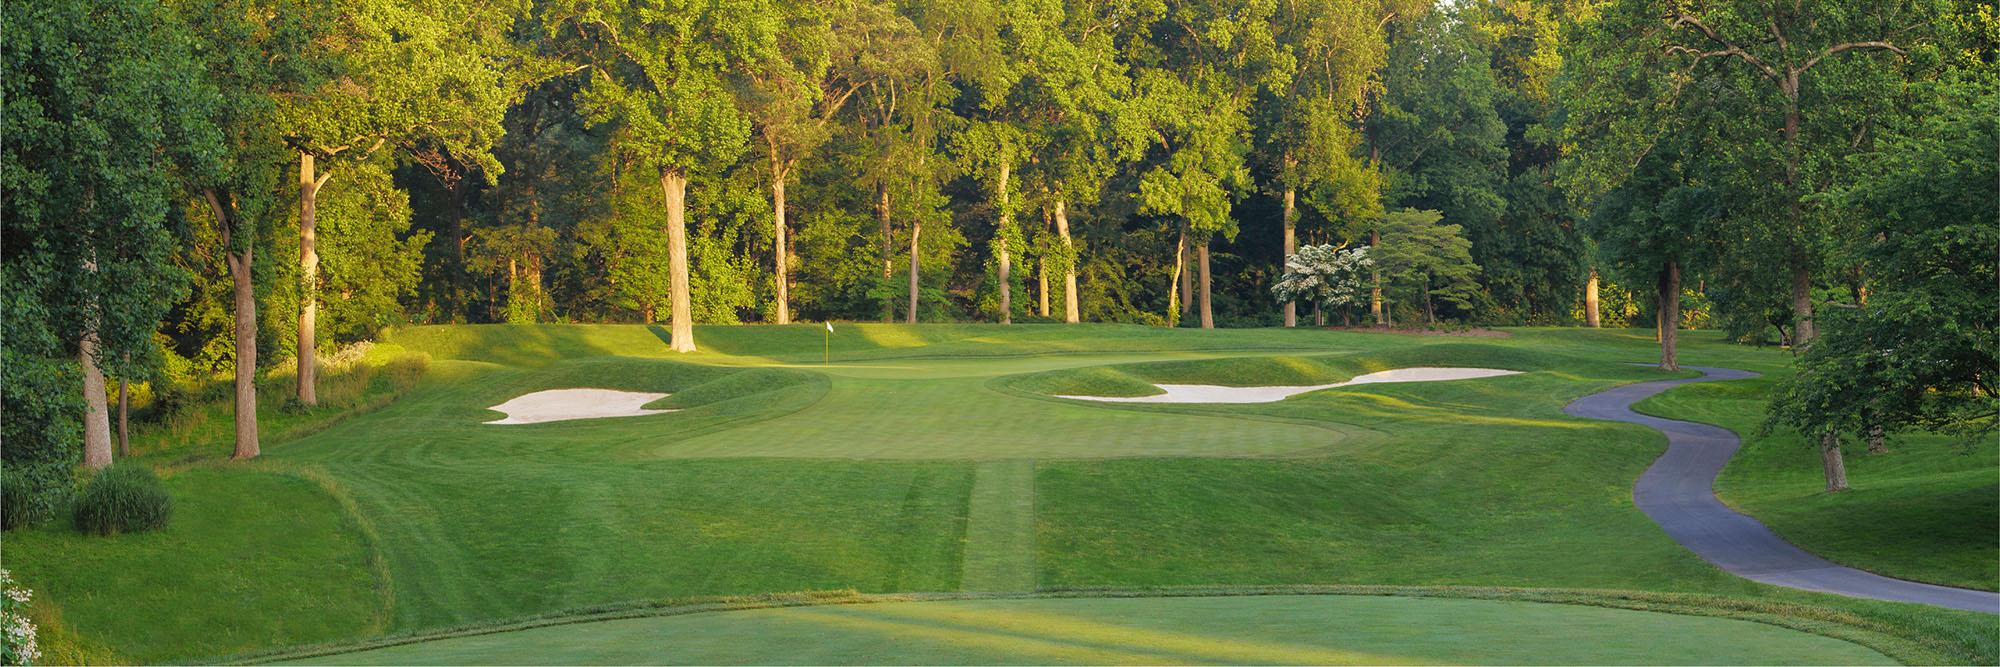 Golf Course Image - Congressional Blue No. 13